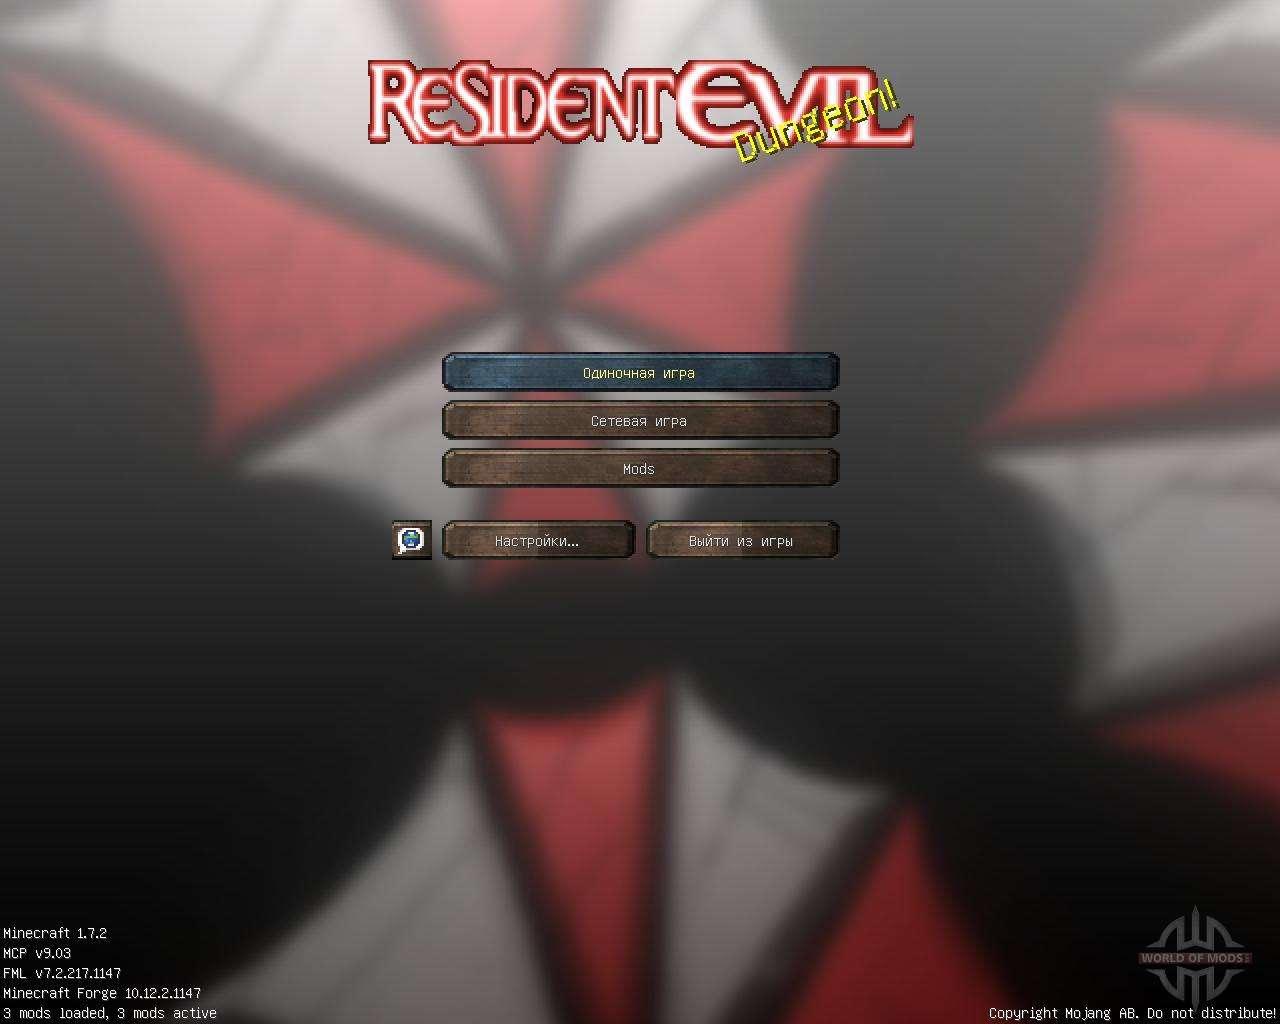 resident evil 4 pack de texture 2.0 installer internet